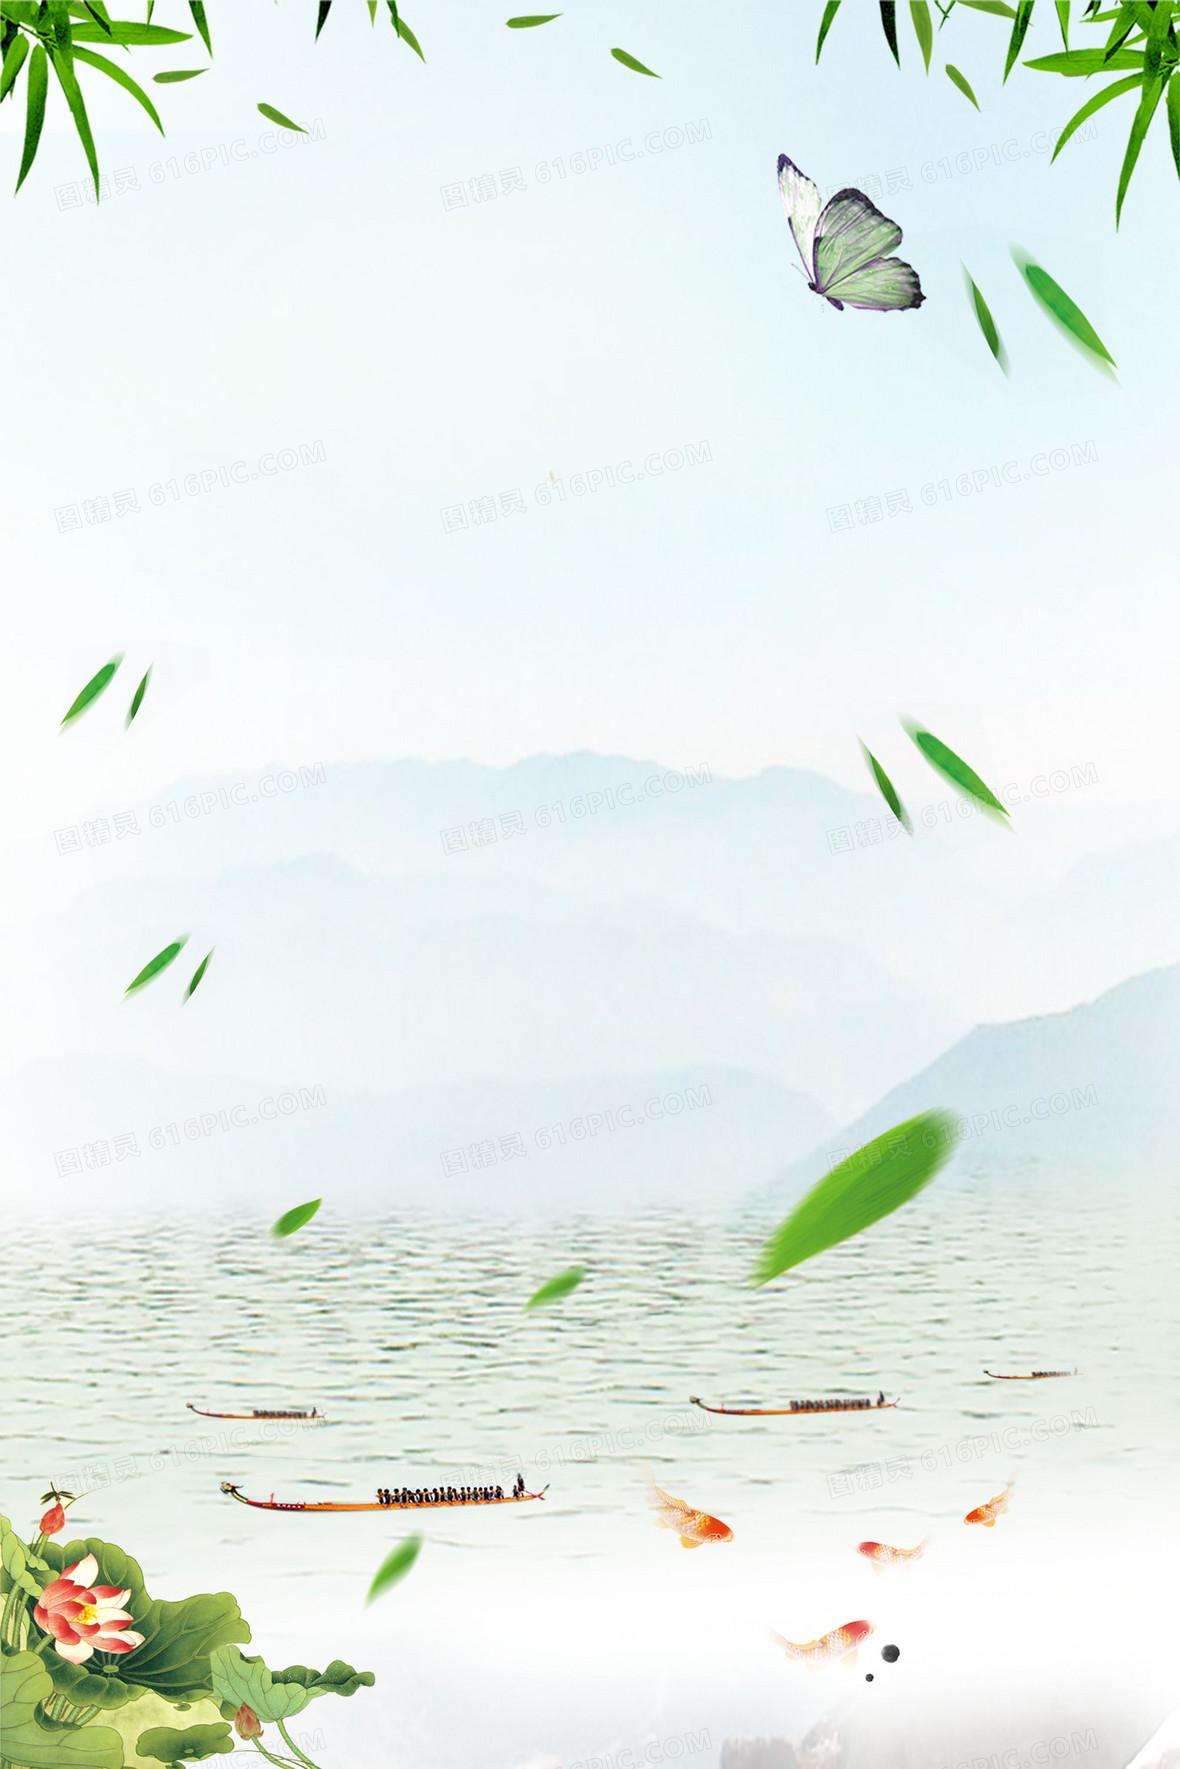 清新端午节化妆品海报背景ag手机版下载|首页图片